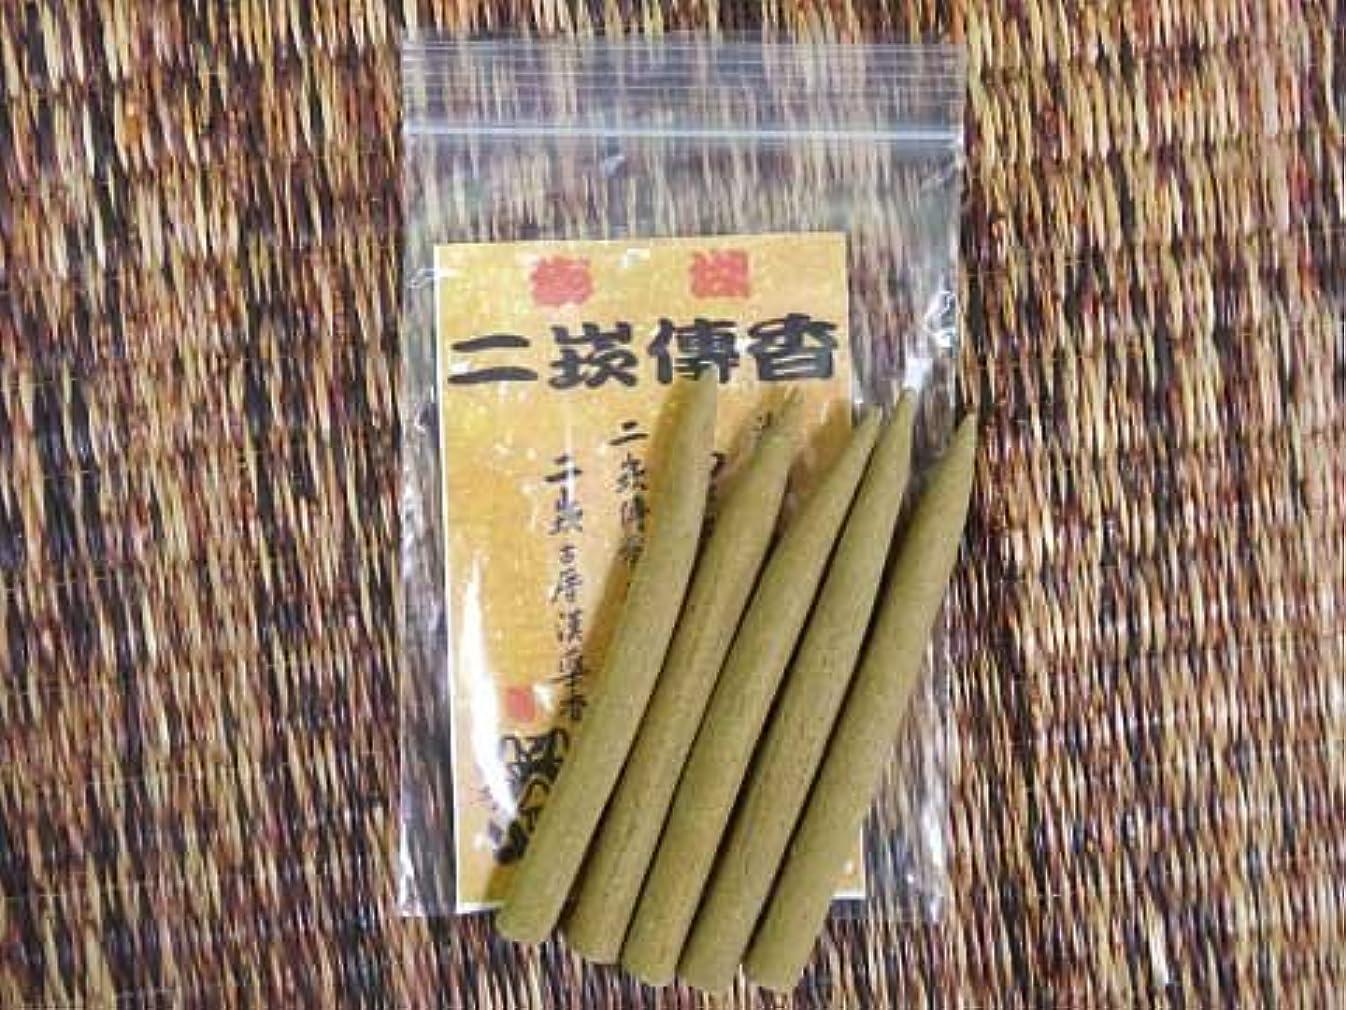 制裁主人なだめるニガンハクコウ 【二 傳香(大)】台湾は澎湖島でのみ作られている伝統的な魔除香